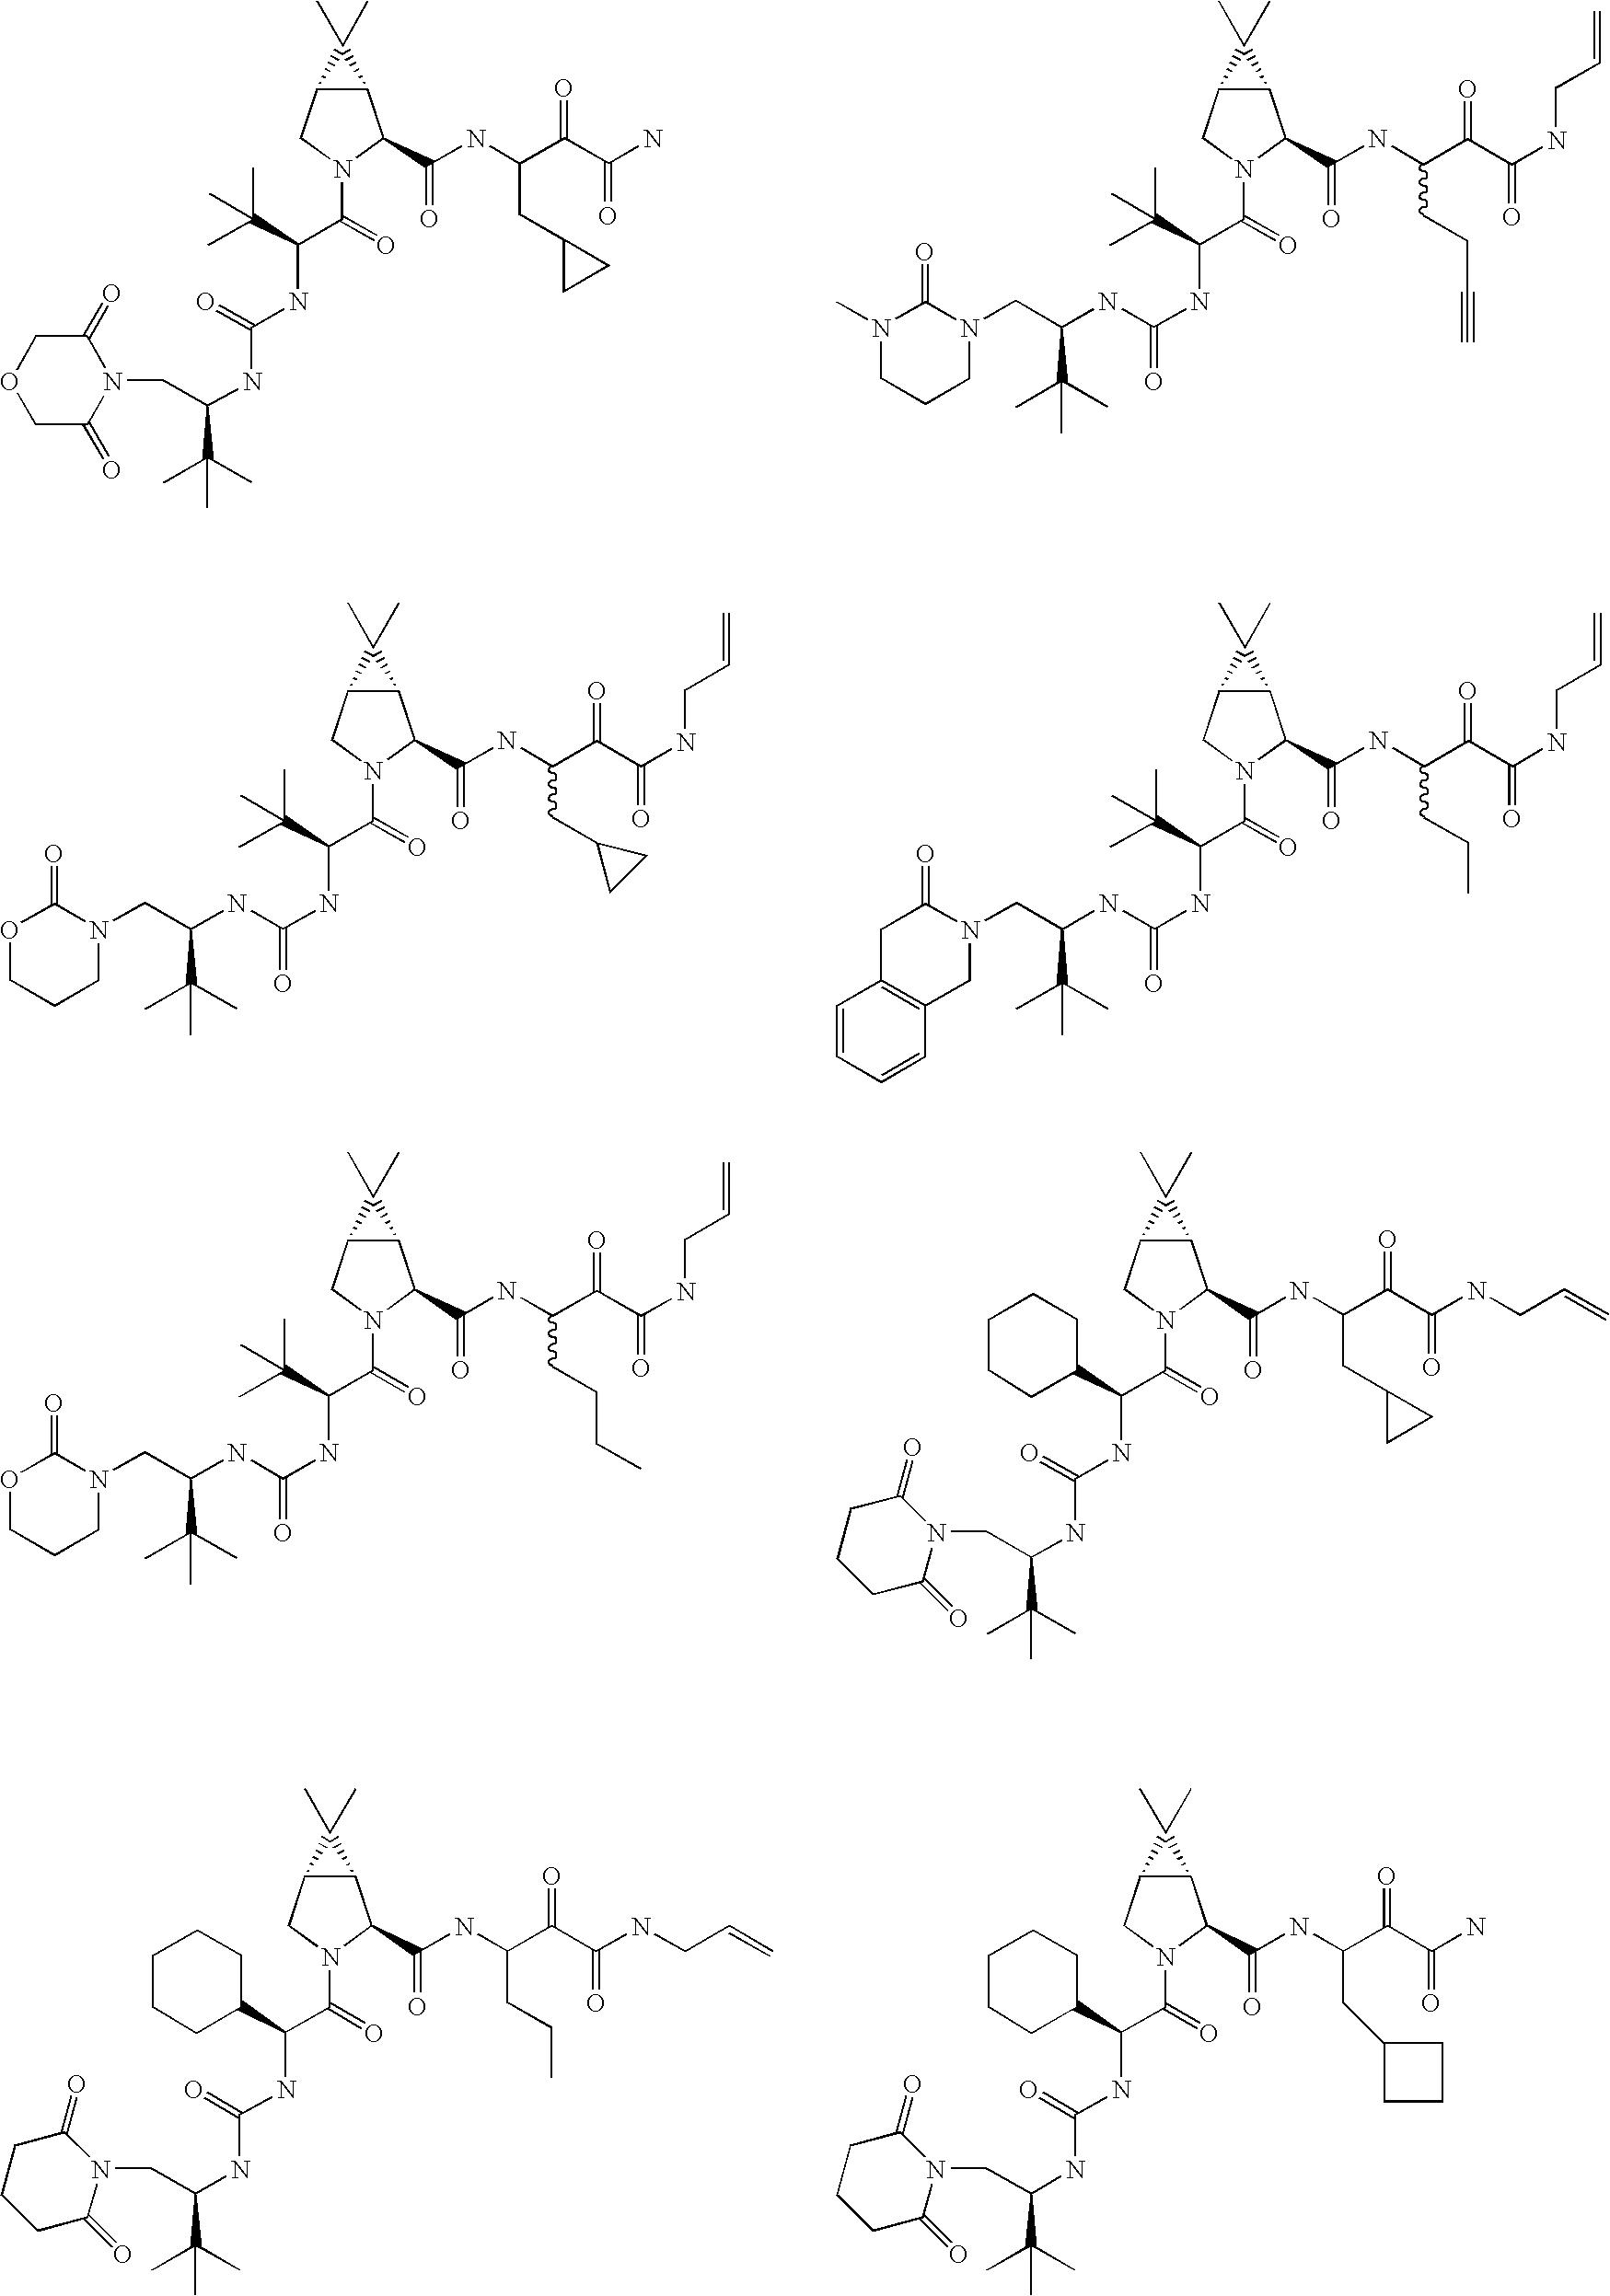 Figure US20060287248A1-20061221-C00421